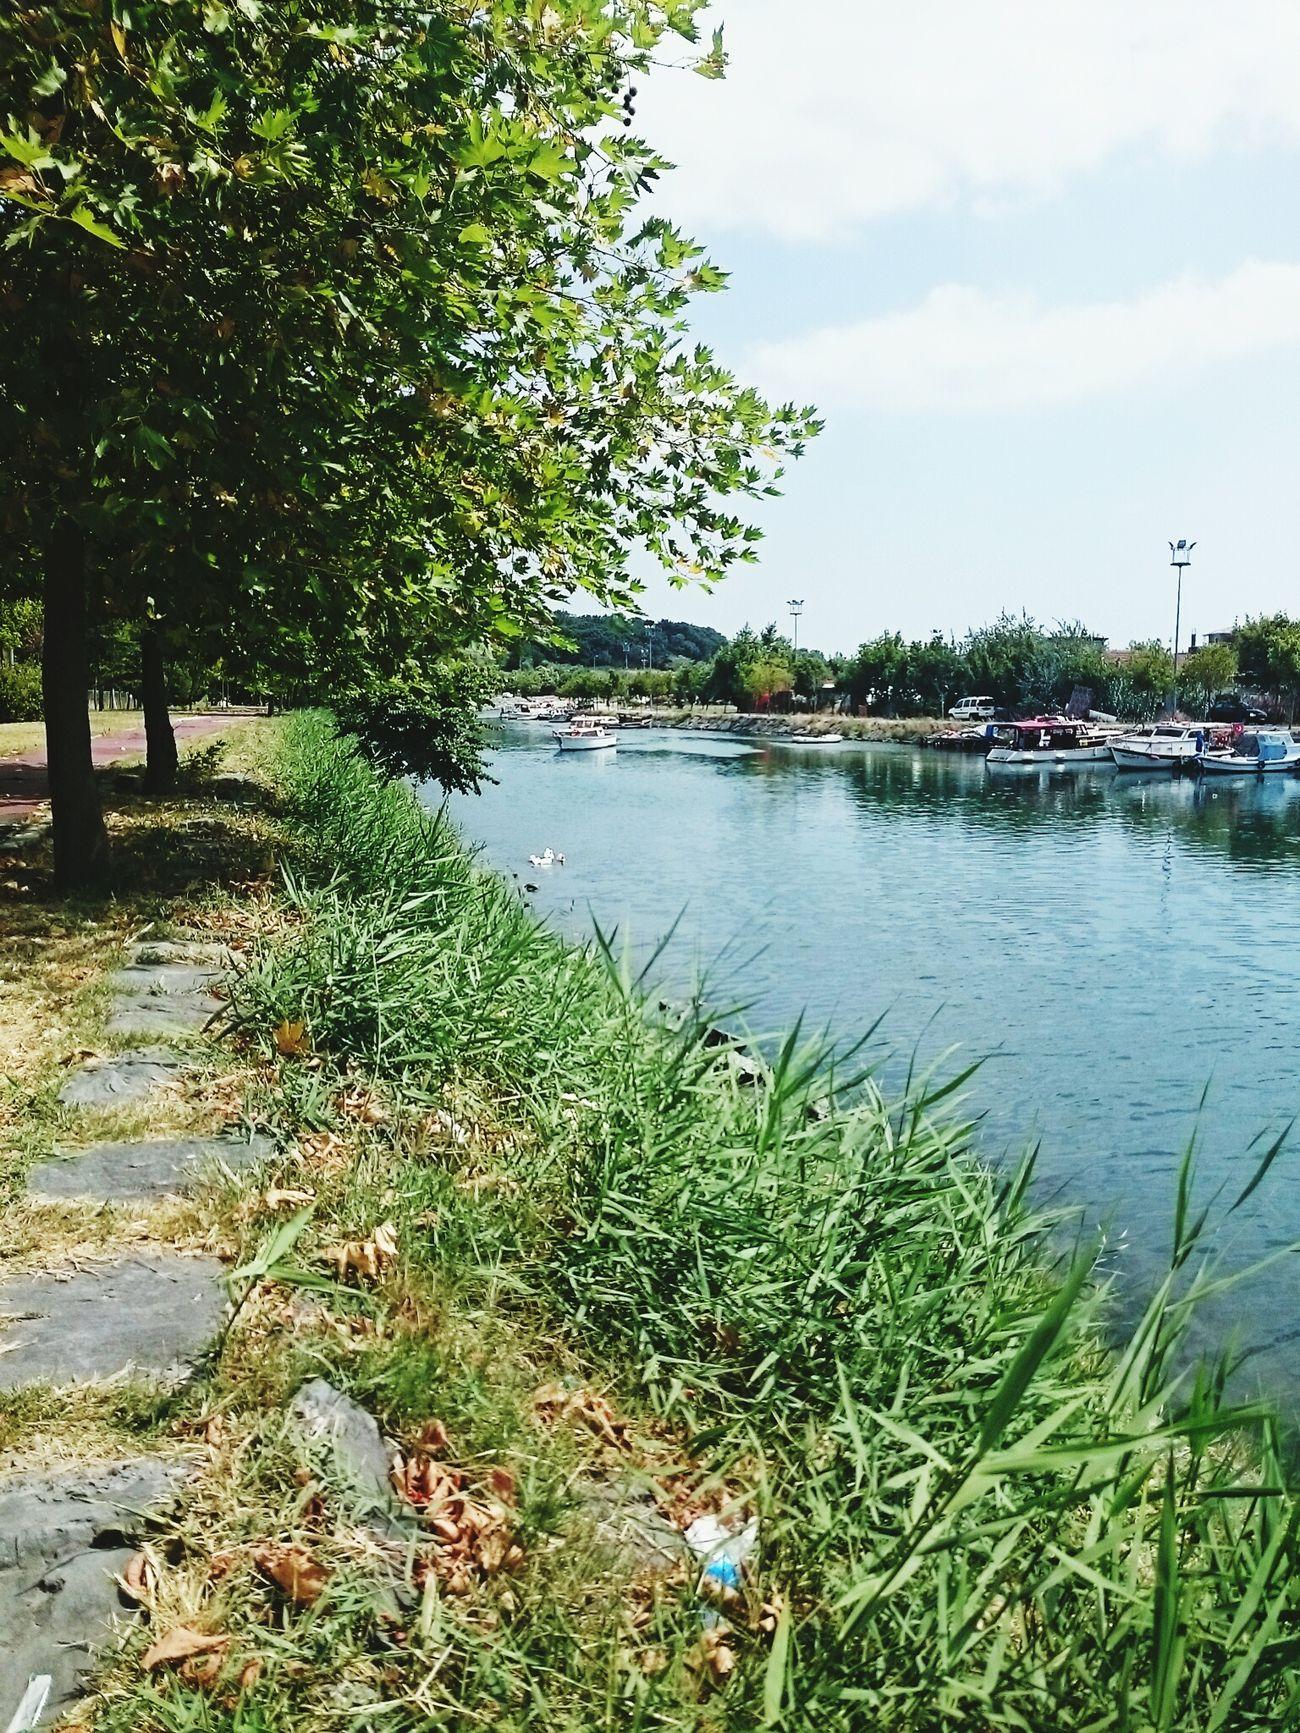 Gündüz paylaşmayı unutmuşum Küçükçekmece Göl Lakeside